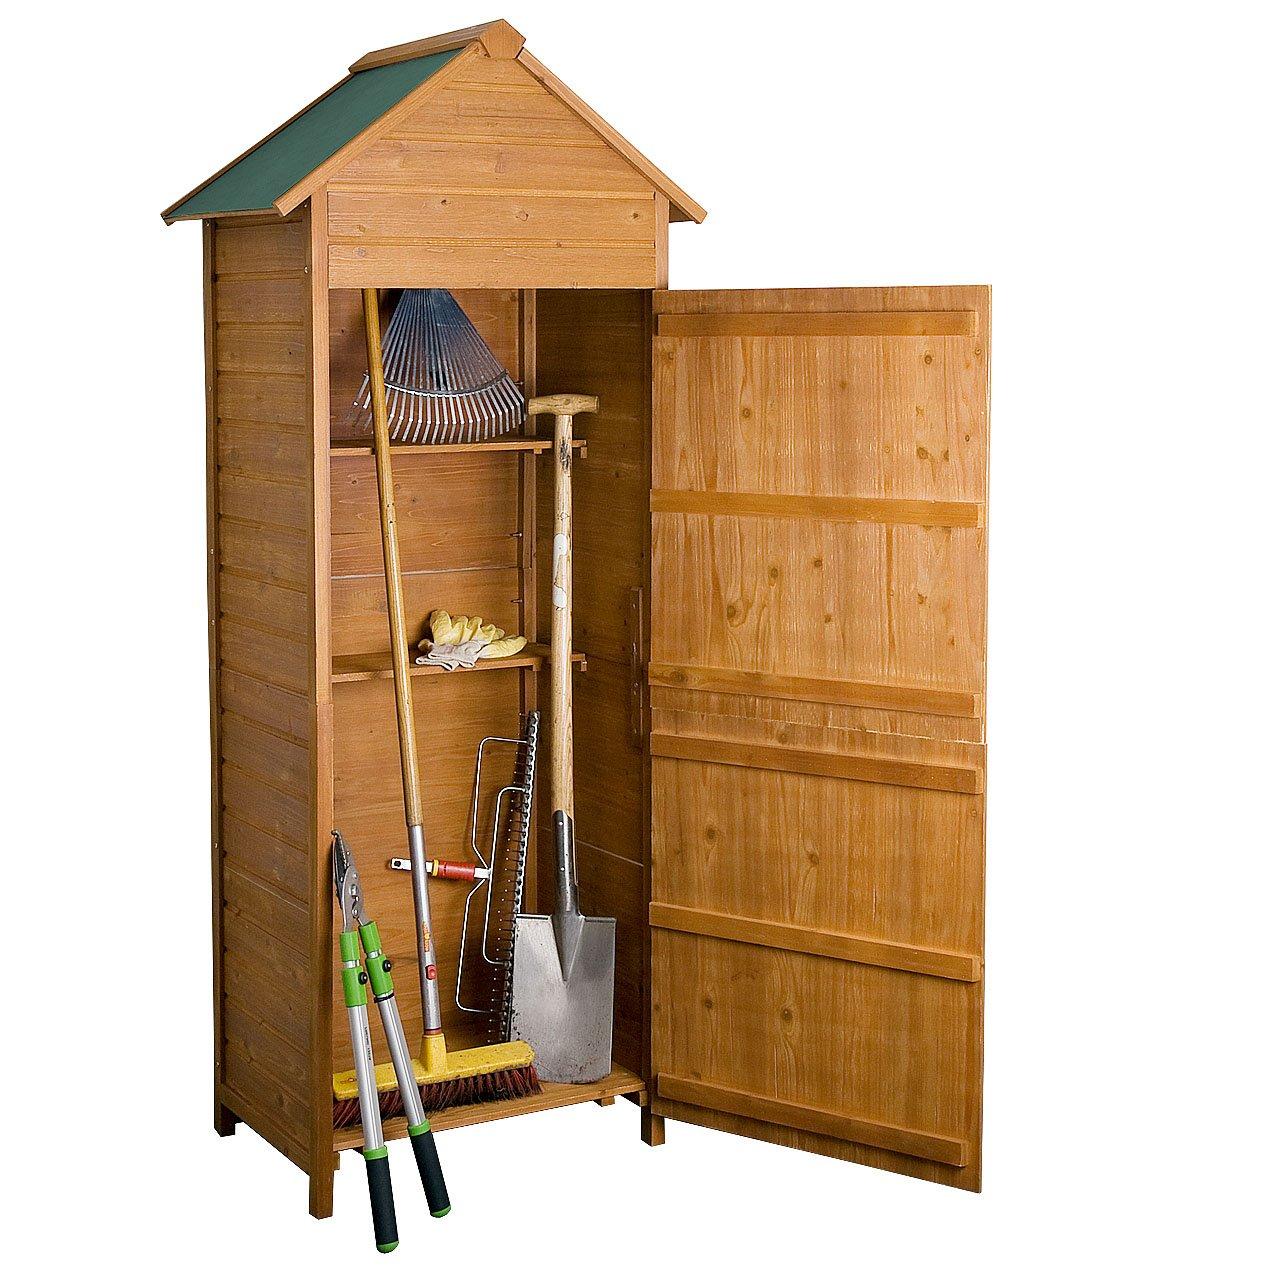 Rotfuchs® Geräteschuppen Gerätehaus Geräteschrank Holz GTS01